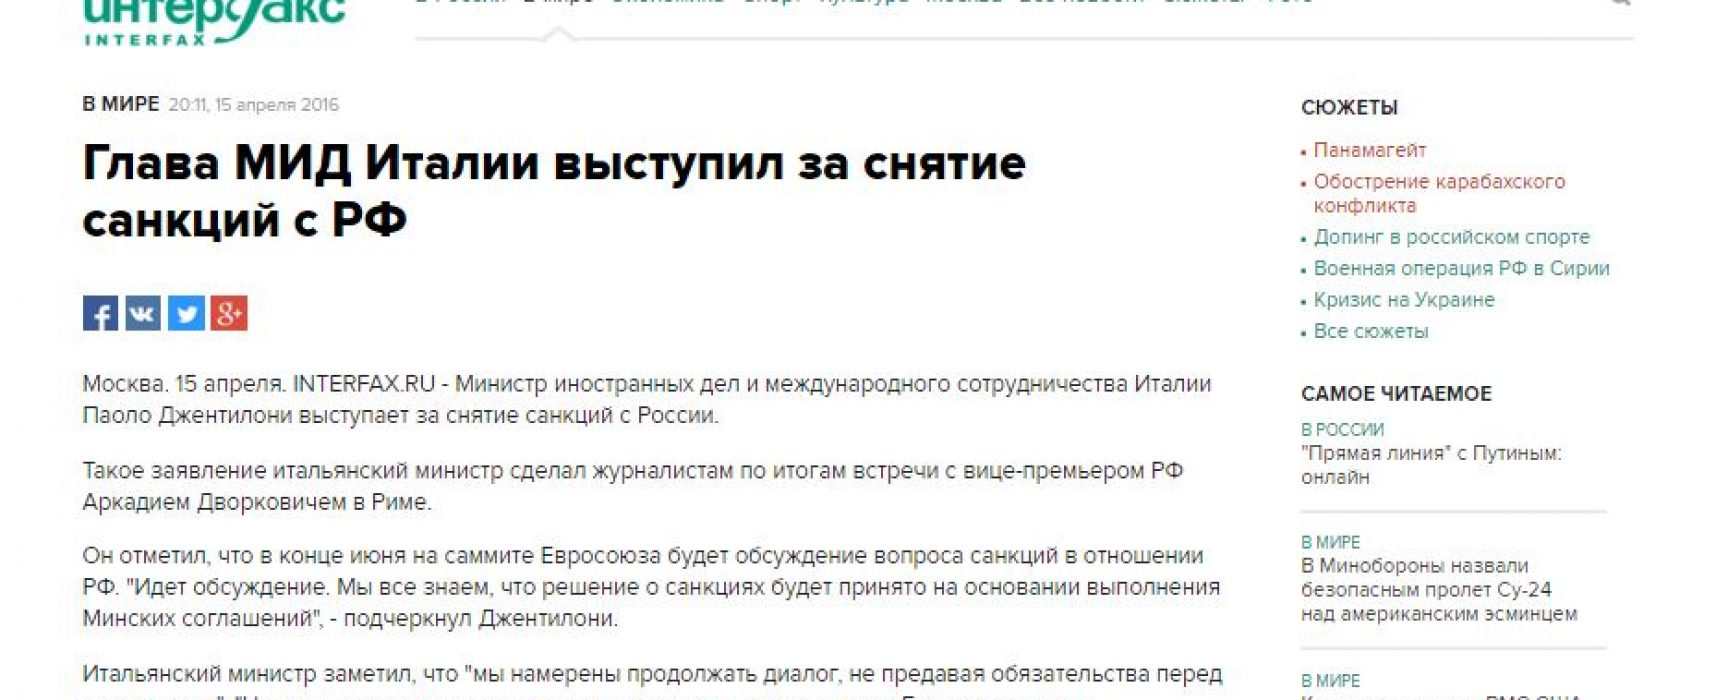 Des médias russes ont déformé la déclaration du ministère italien des Affaires étrangères concernant les sanctions contre la Russie